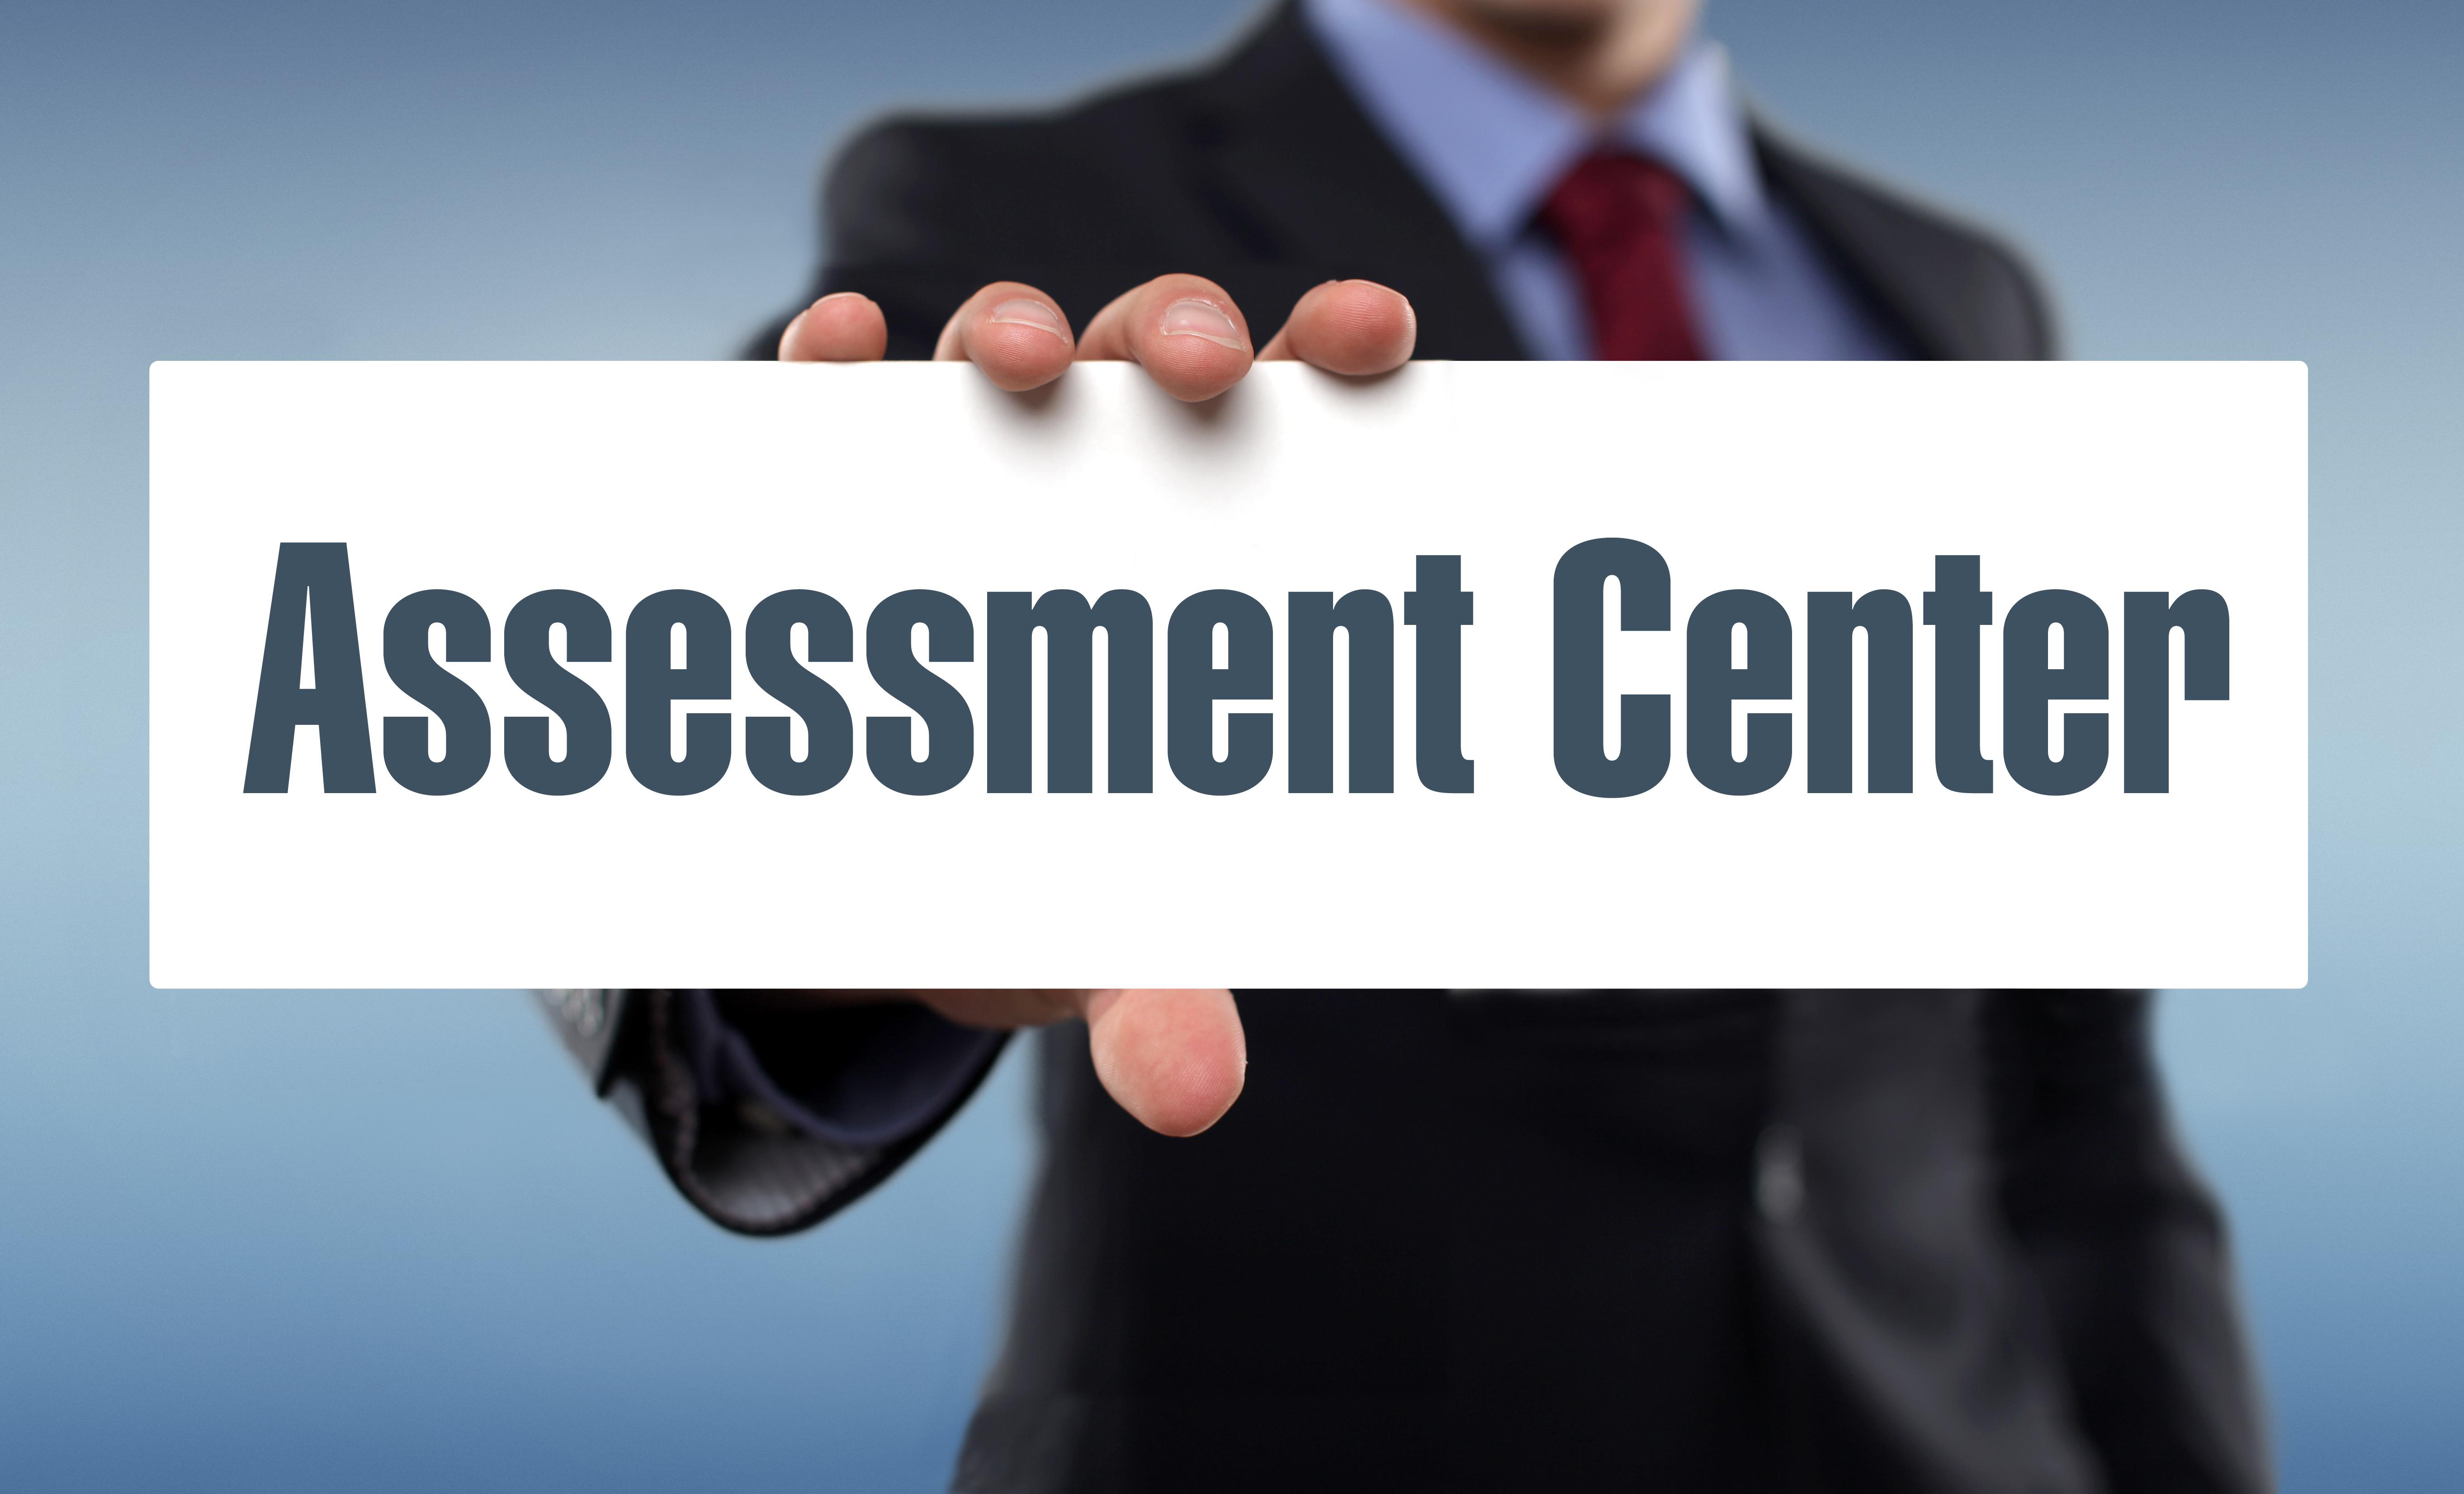 Ассистент центр как метод комплексной диагностики персонала, форматы и примеры.